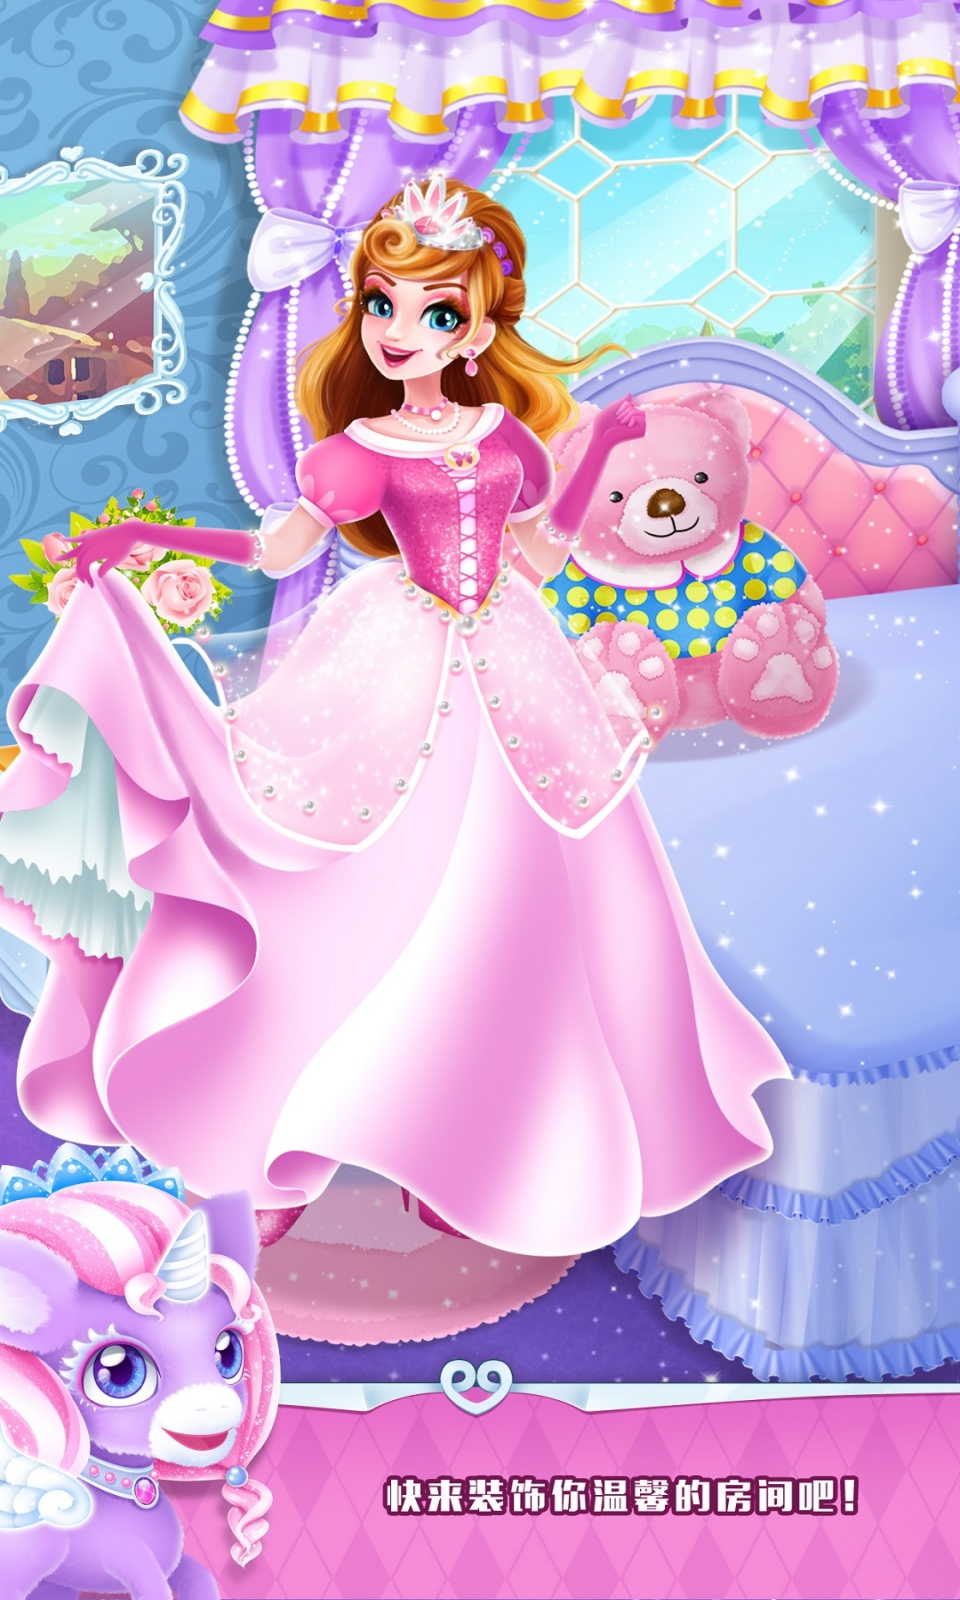 魔法公主礼仪学院(美妆换装)